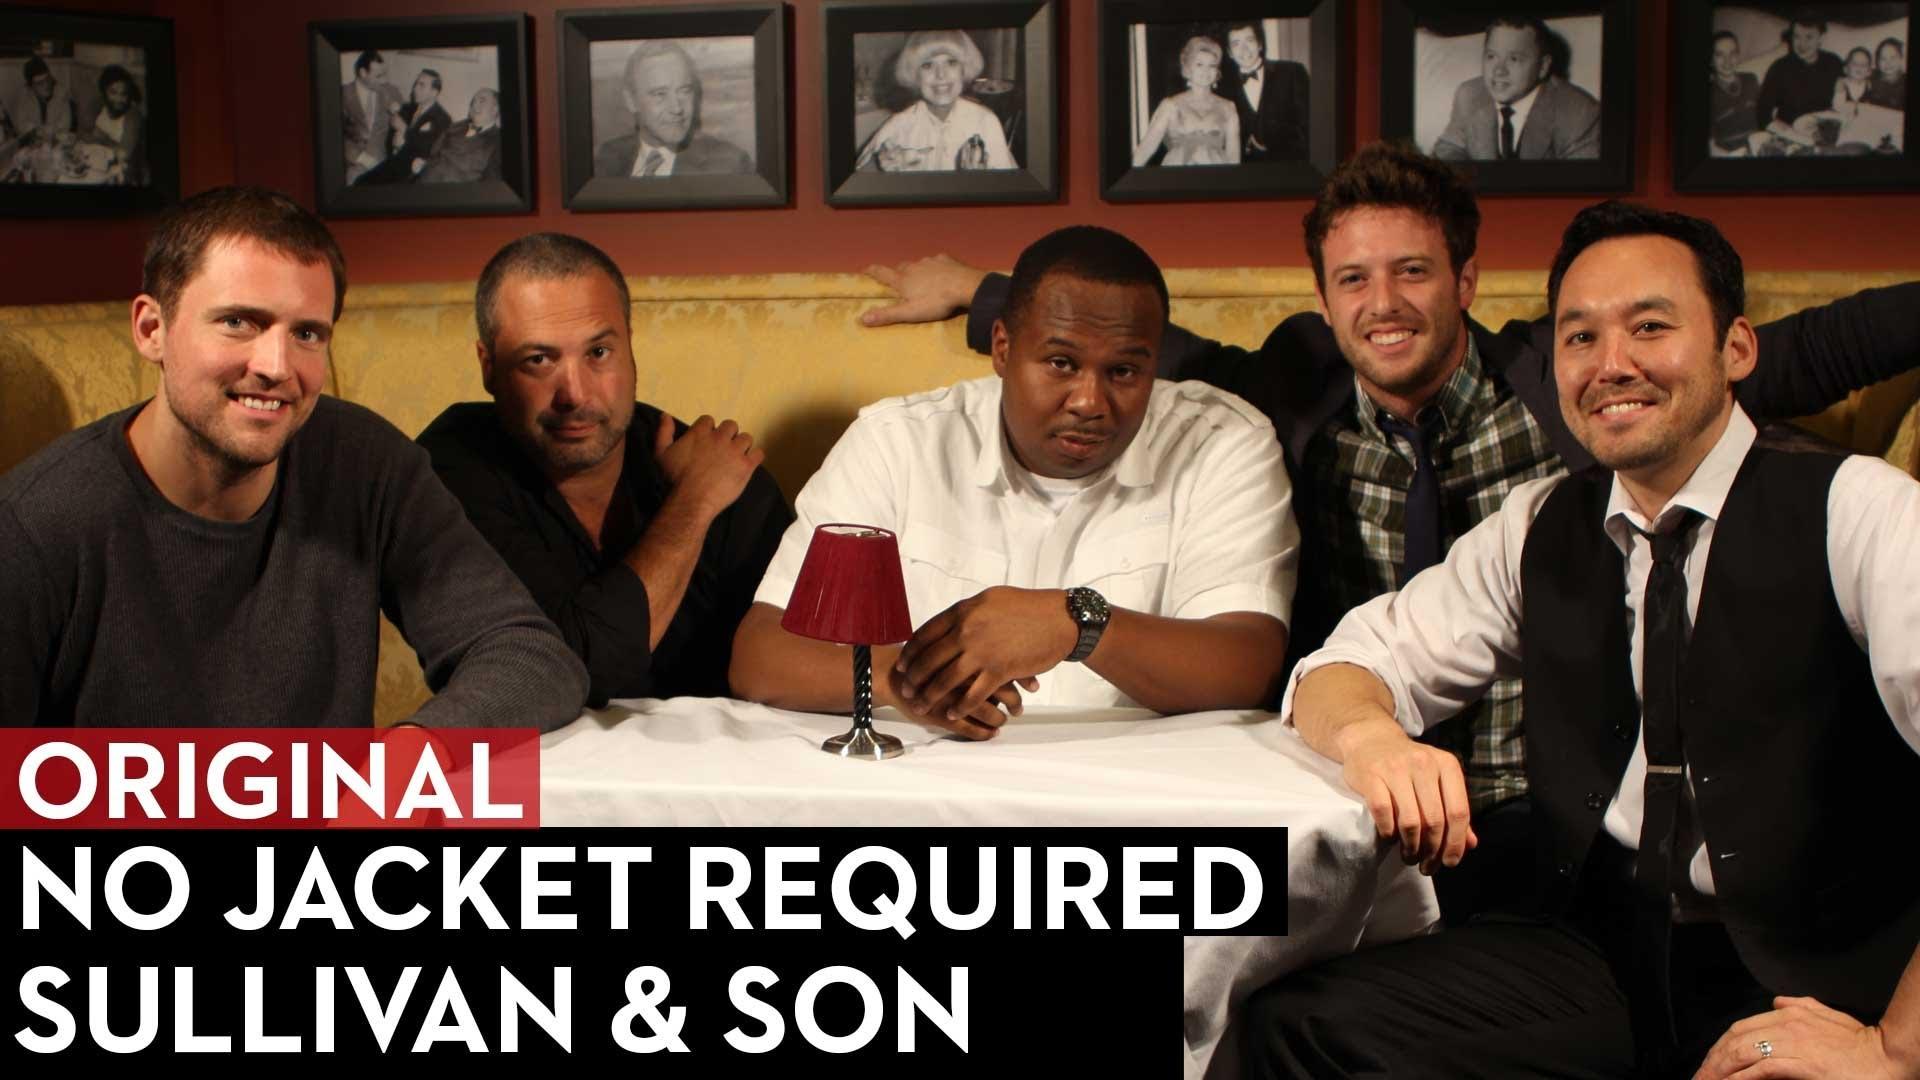 Sullivan & Son on No Jacket Required